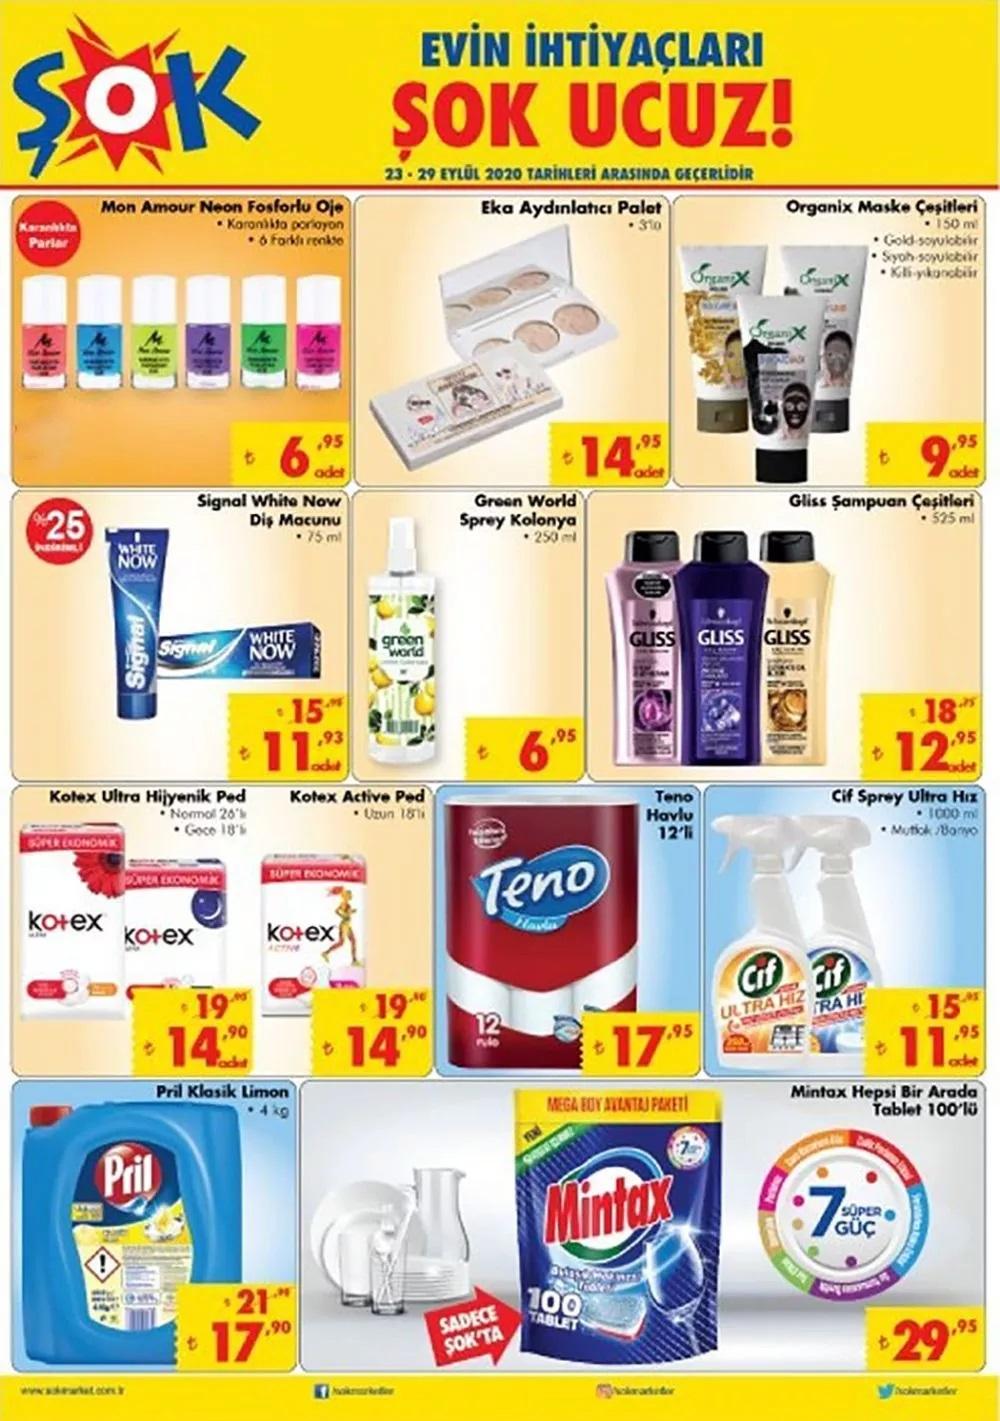 23-29 Eylül Şok Aktüel ürünler dikkat çekti! 23 Eylül ŞOK Aktüel ürünler kataloğu